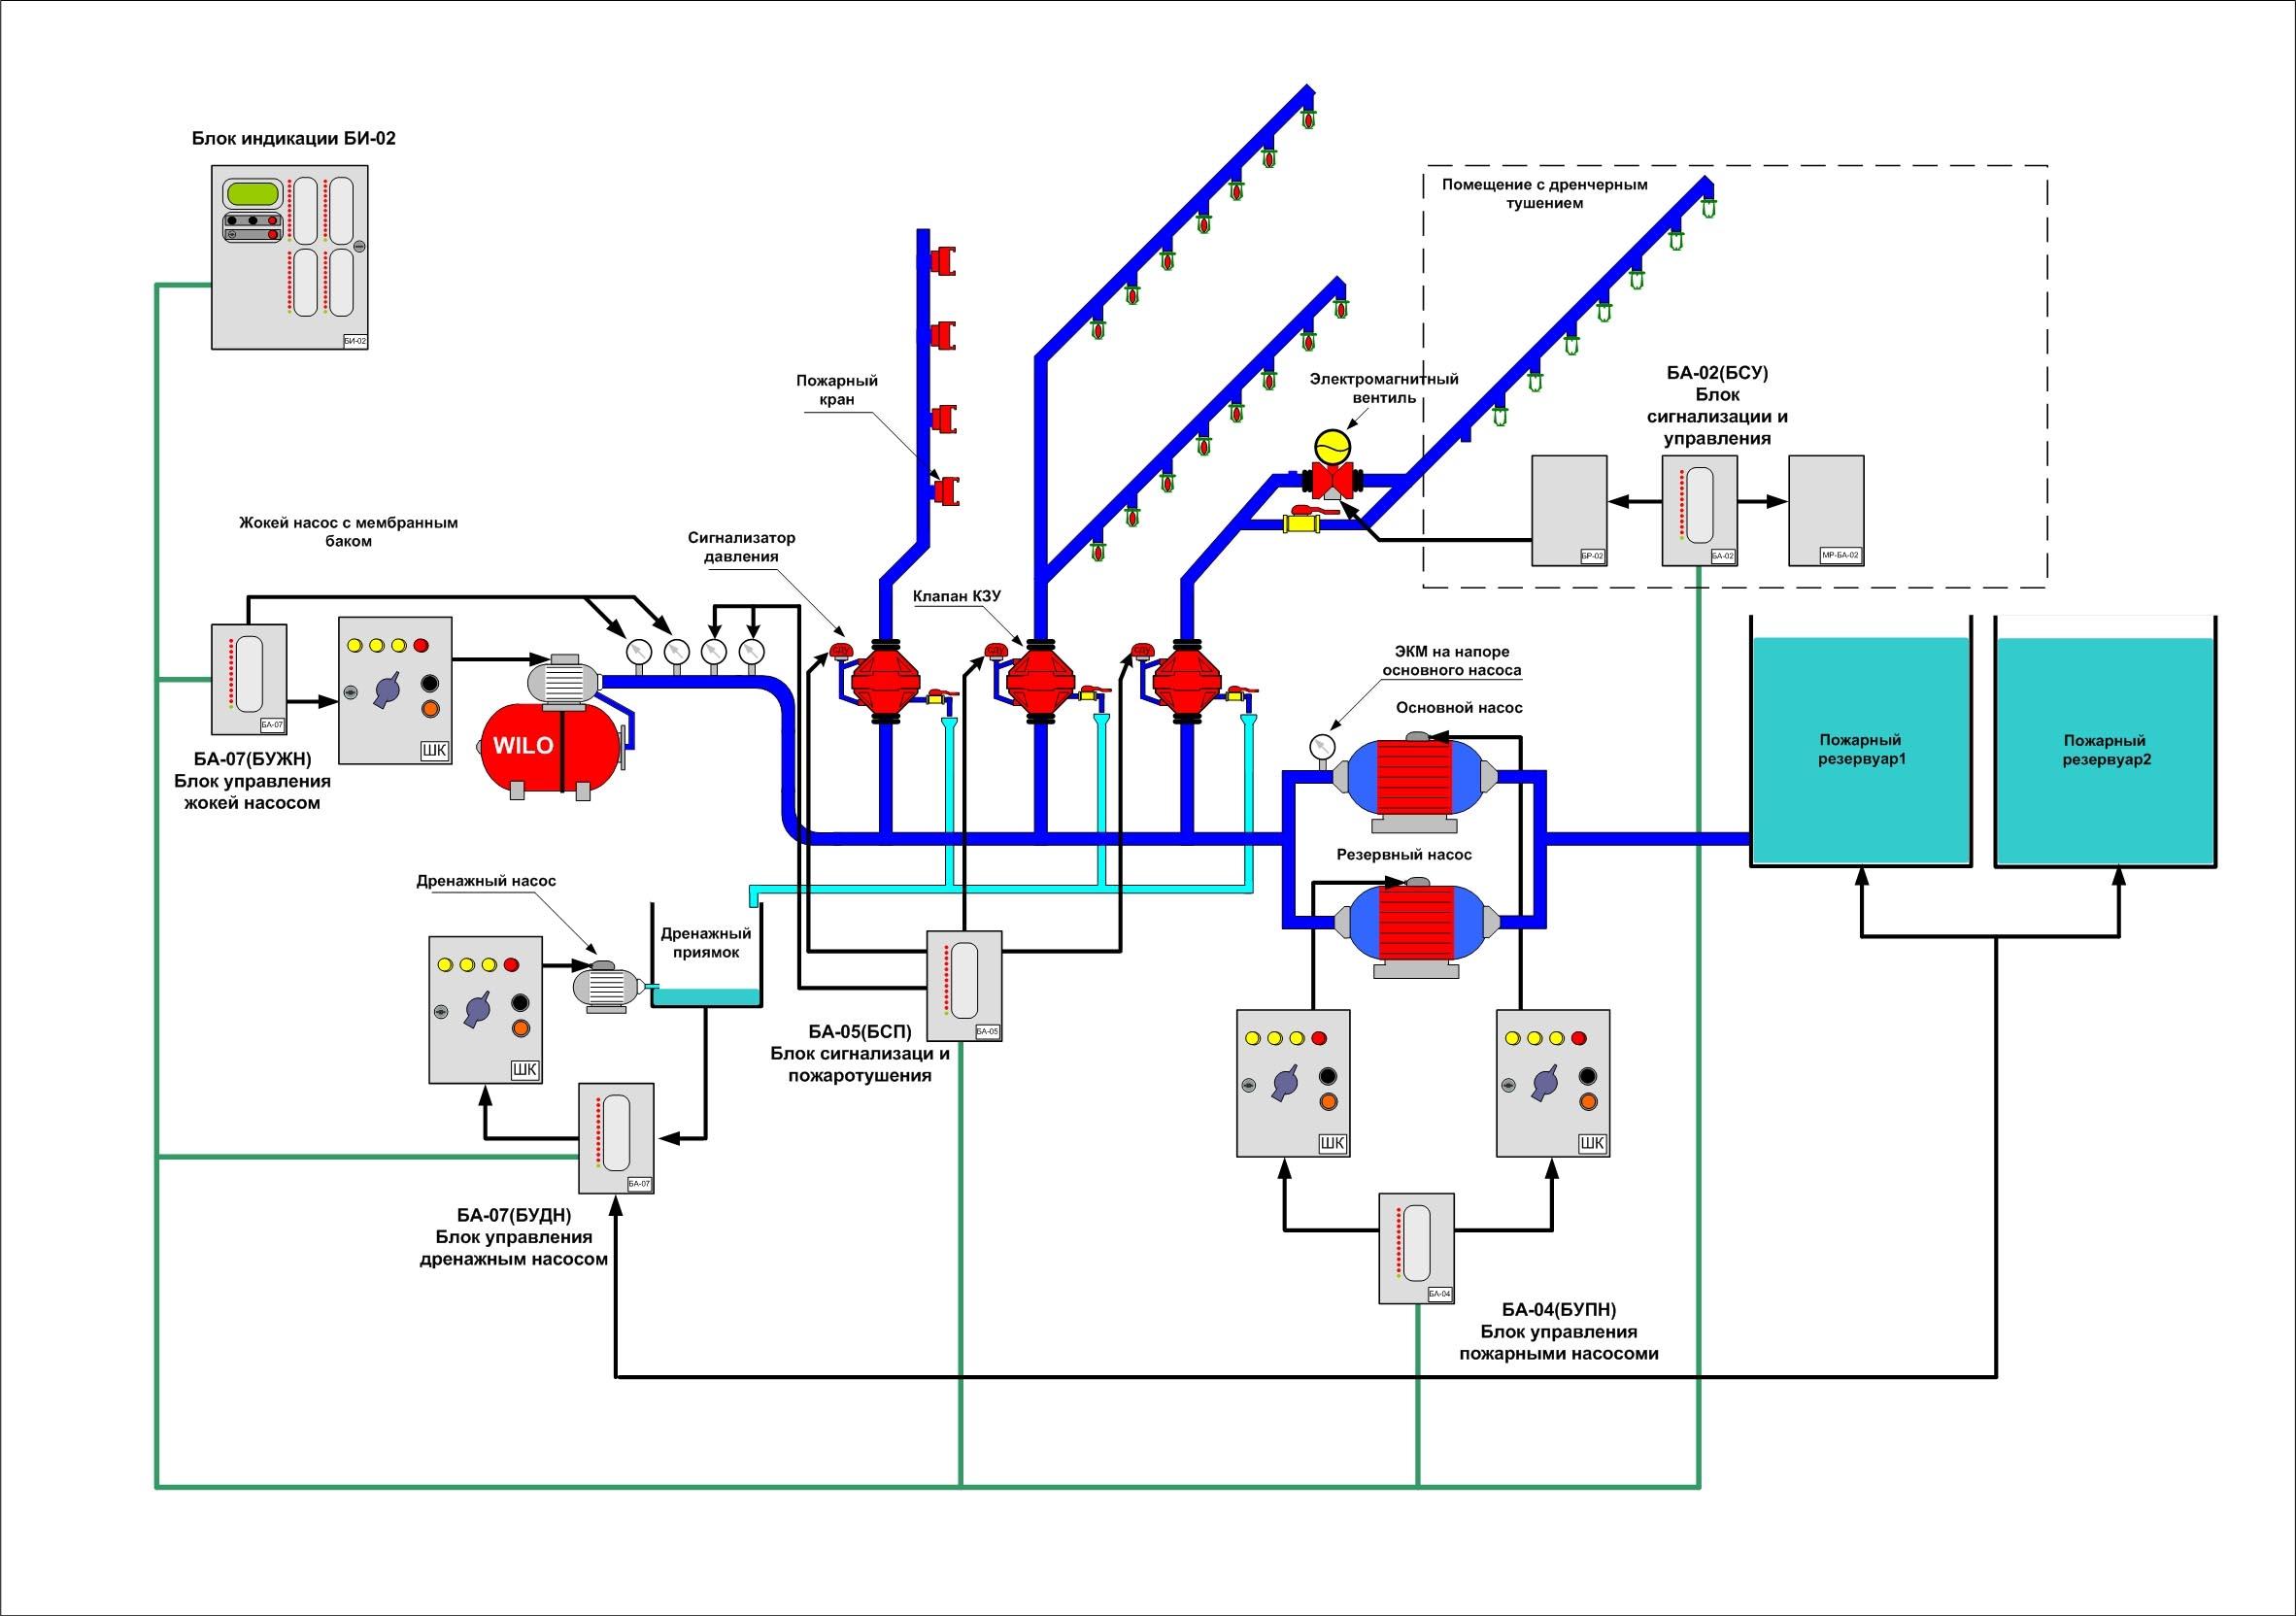 Для проверки специалистам передается техническая и эксплуатационная документация, схемы на систему пожаротушения.